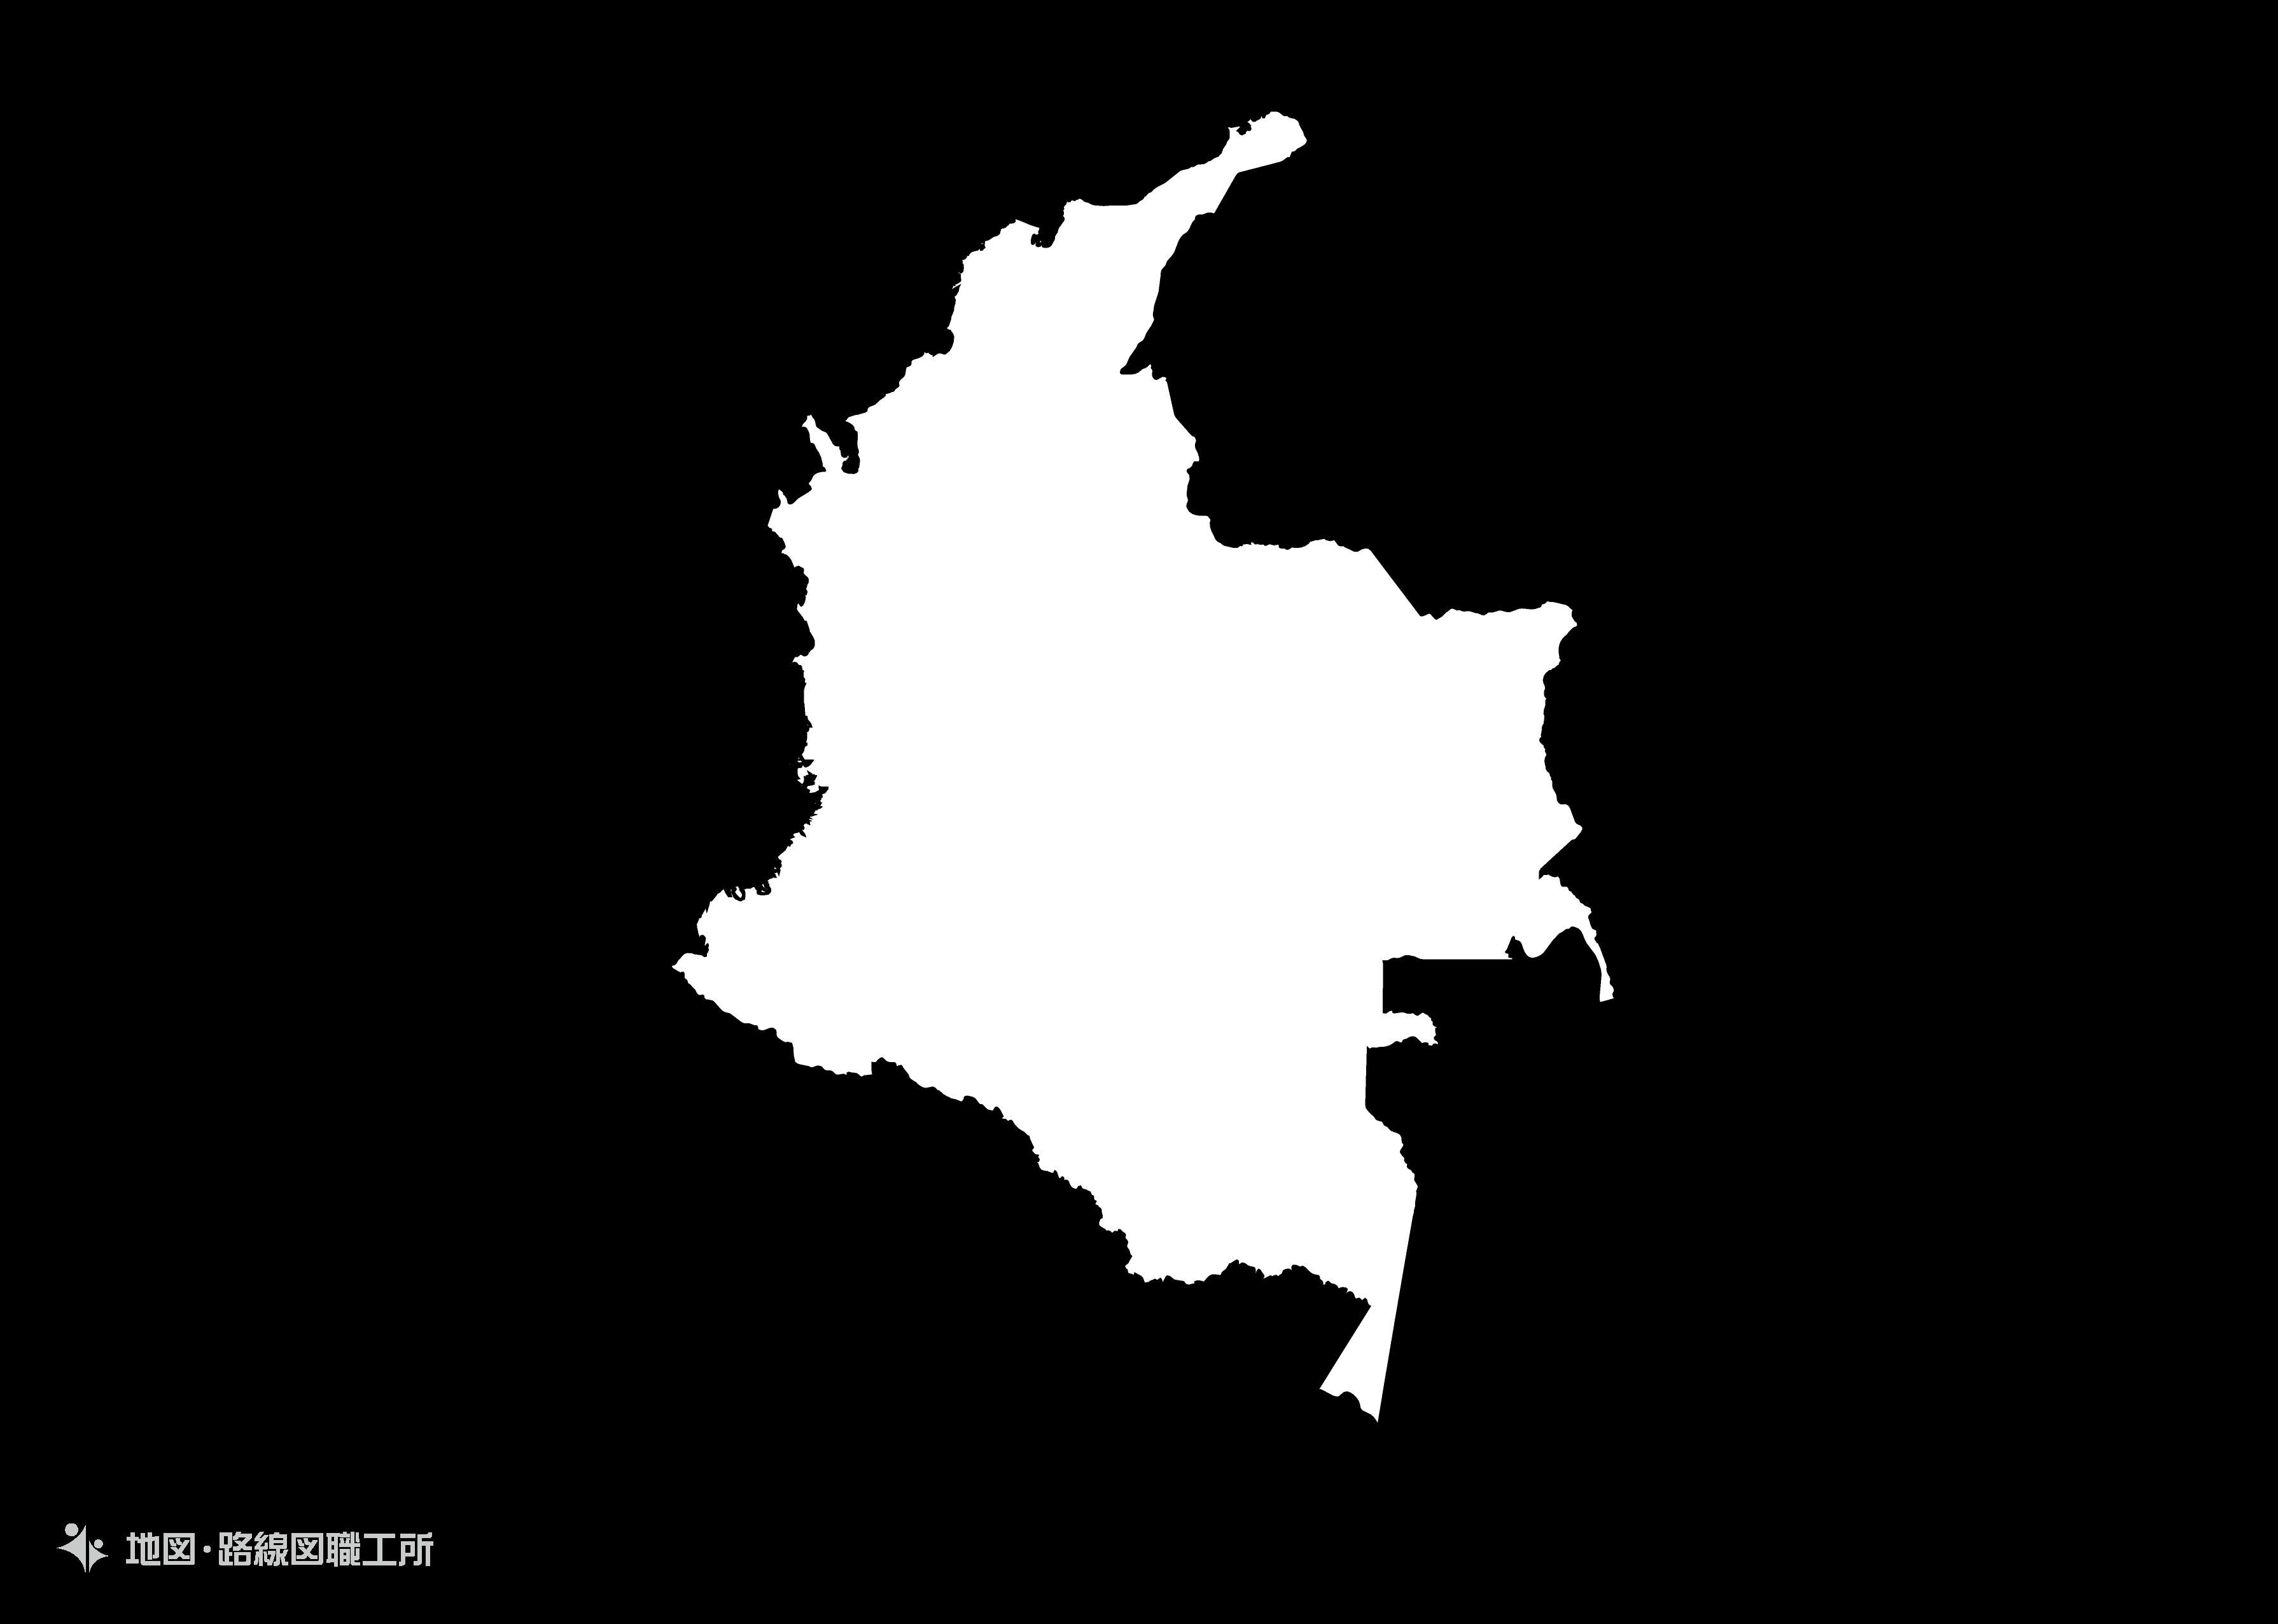 世界の白地図 コロンビア共和国 republic-of-colombia map